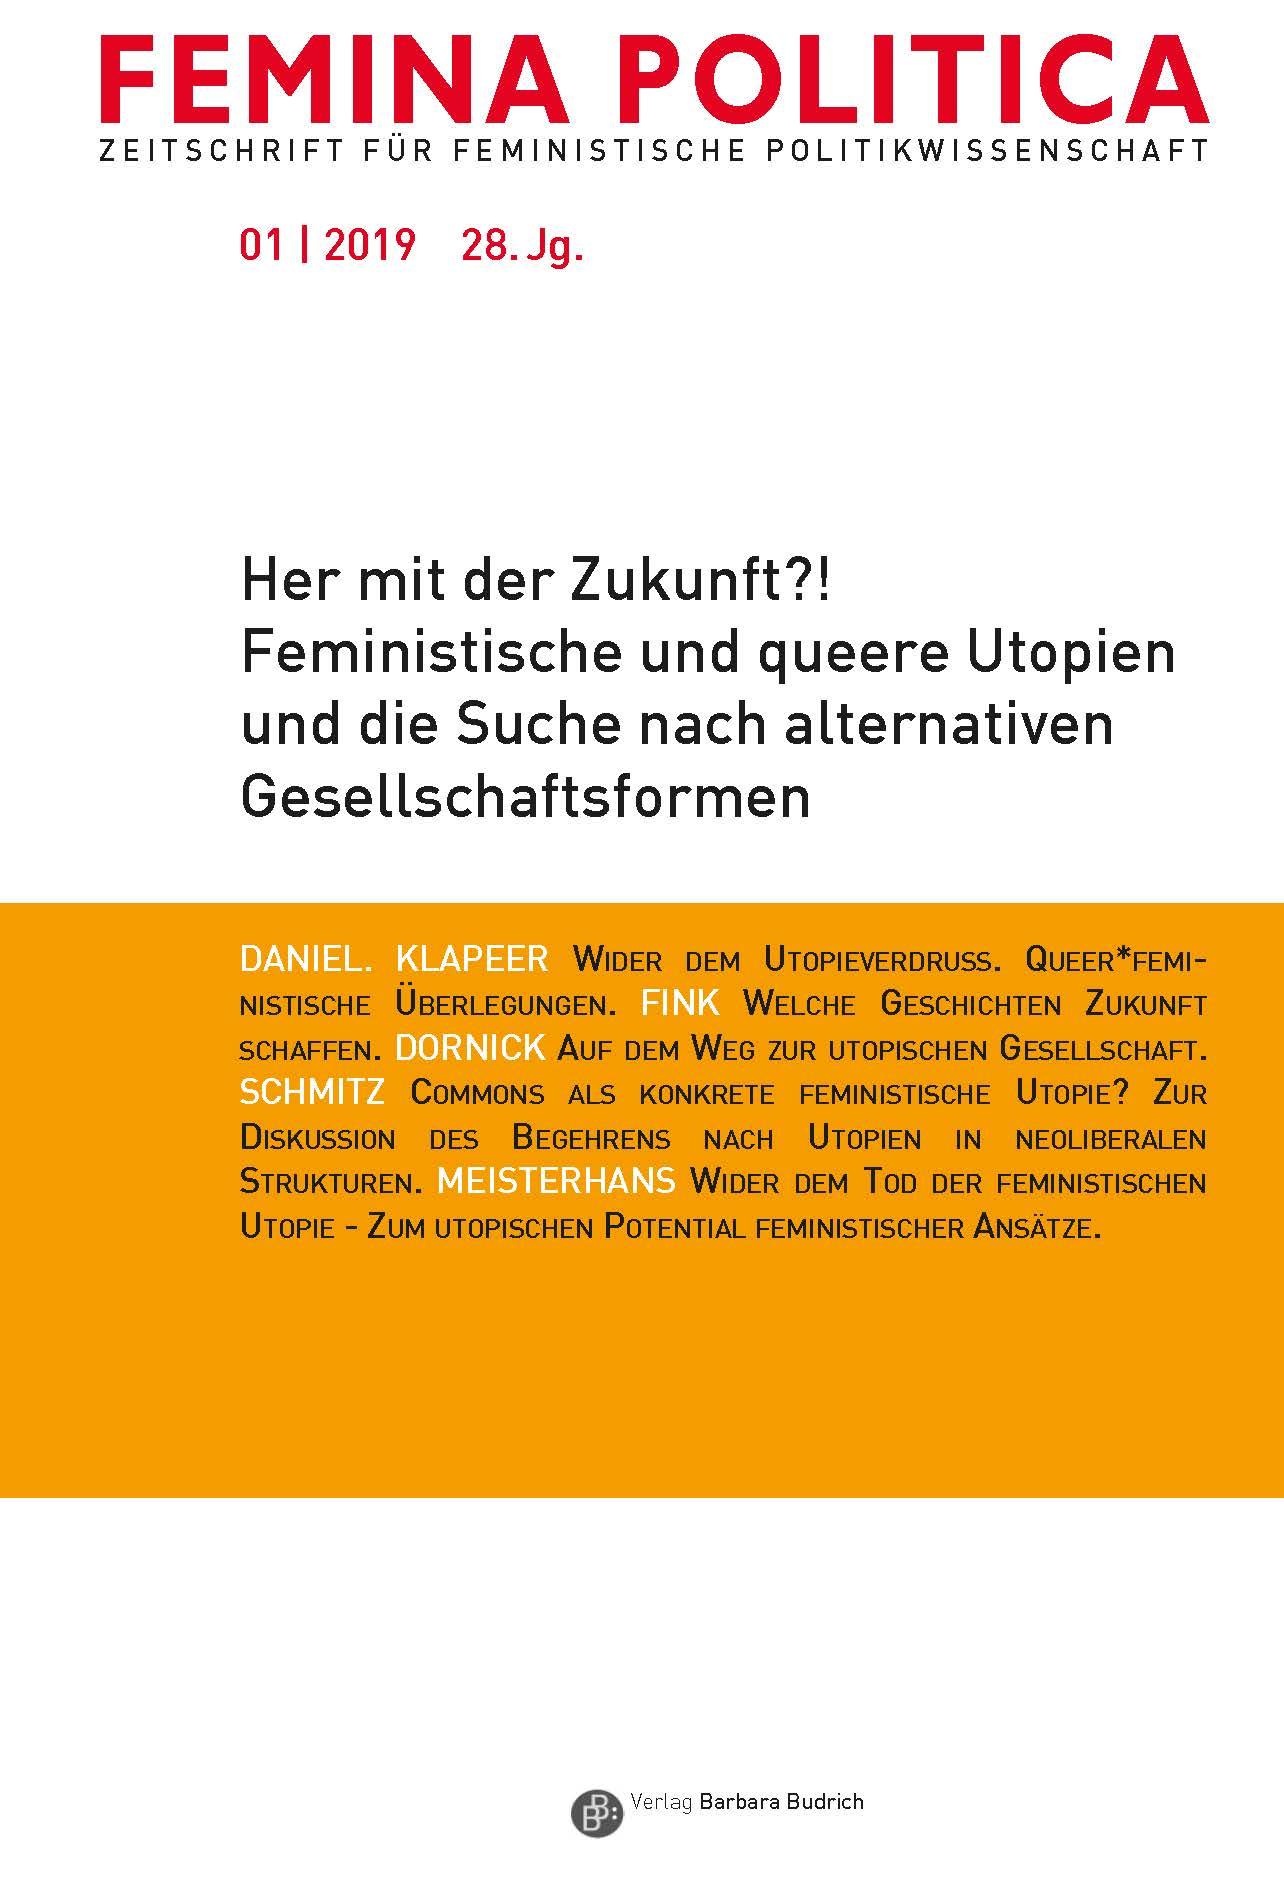 Probeheft - Femina Politica - Zeitschrift für feministische Politikwissenschaft